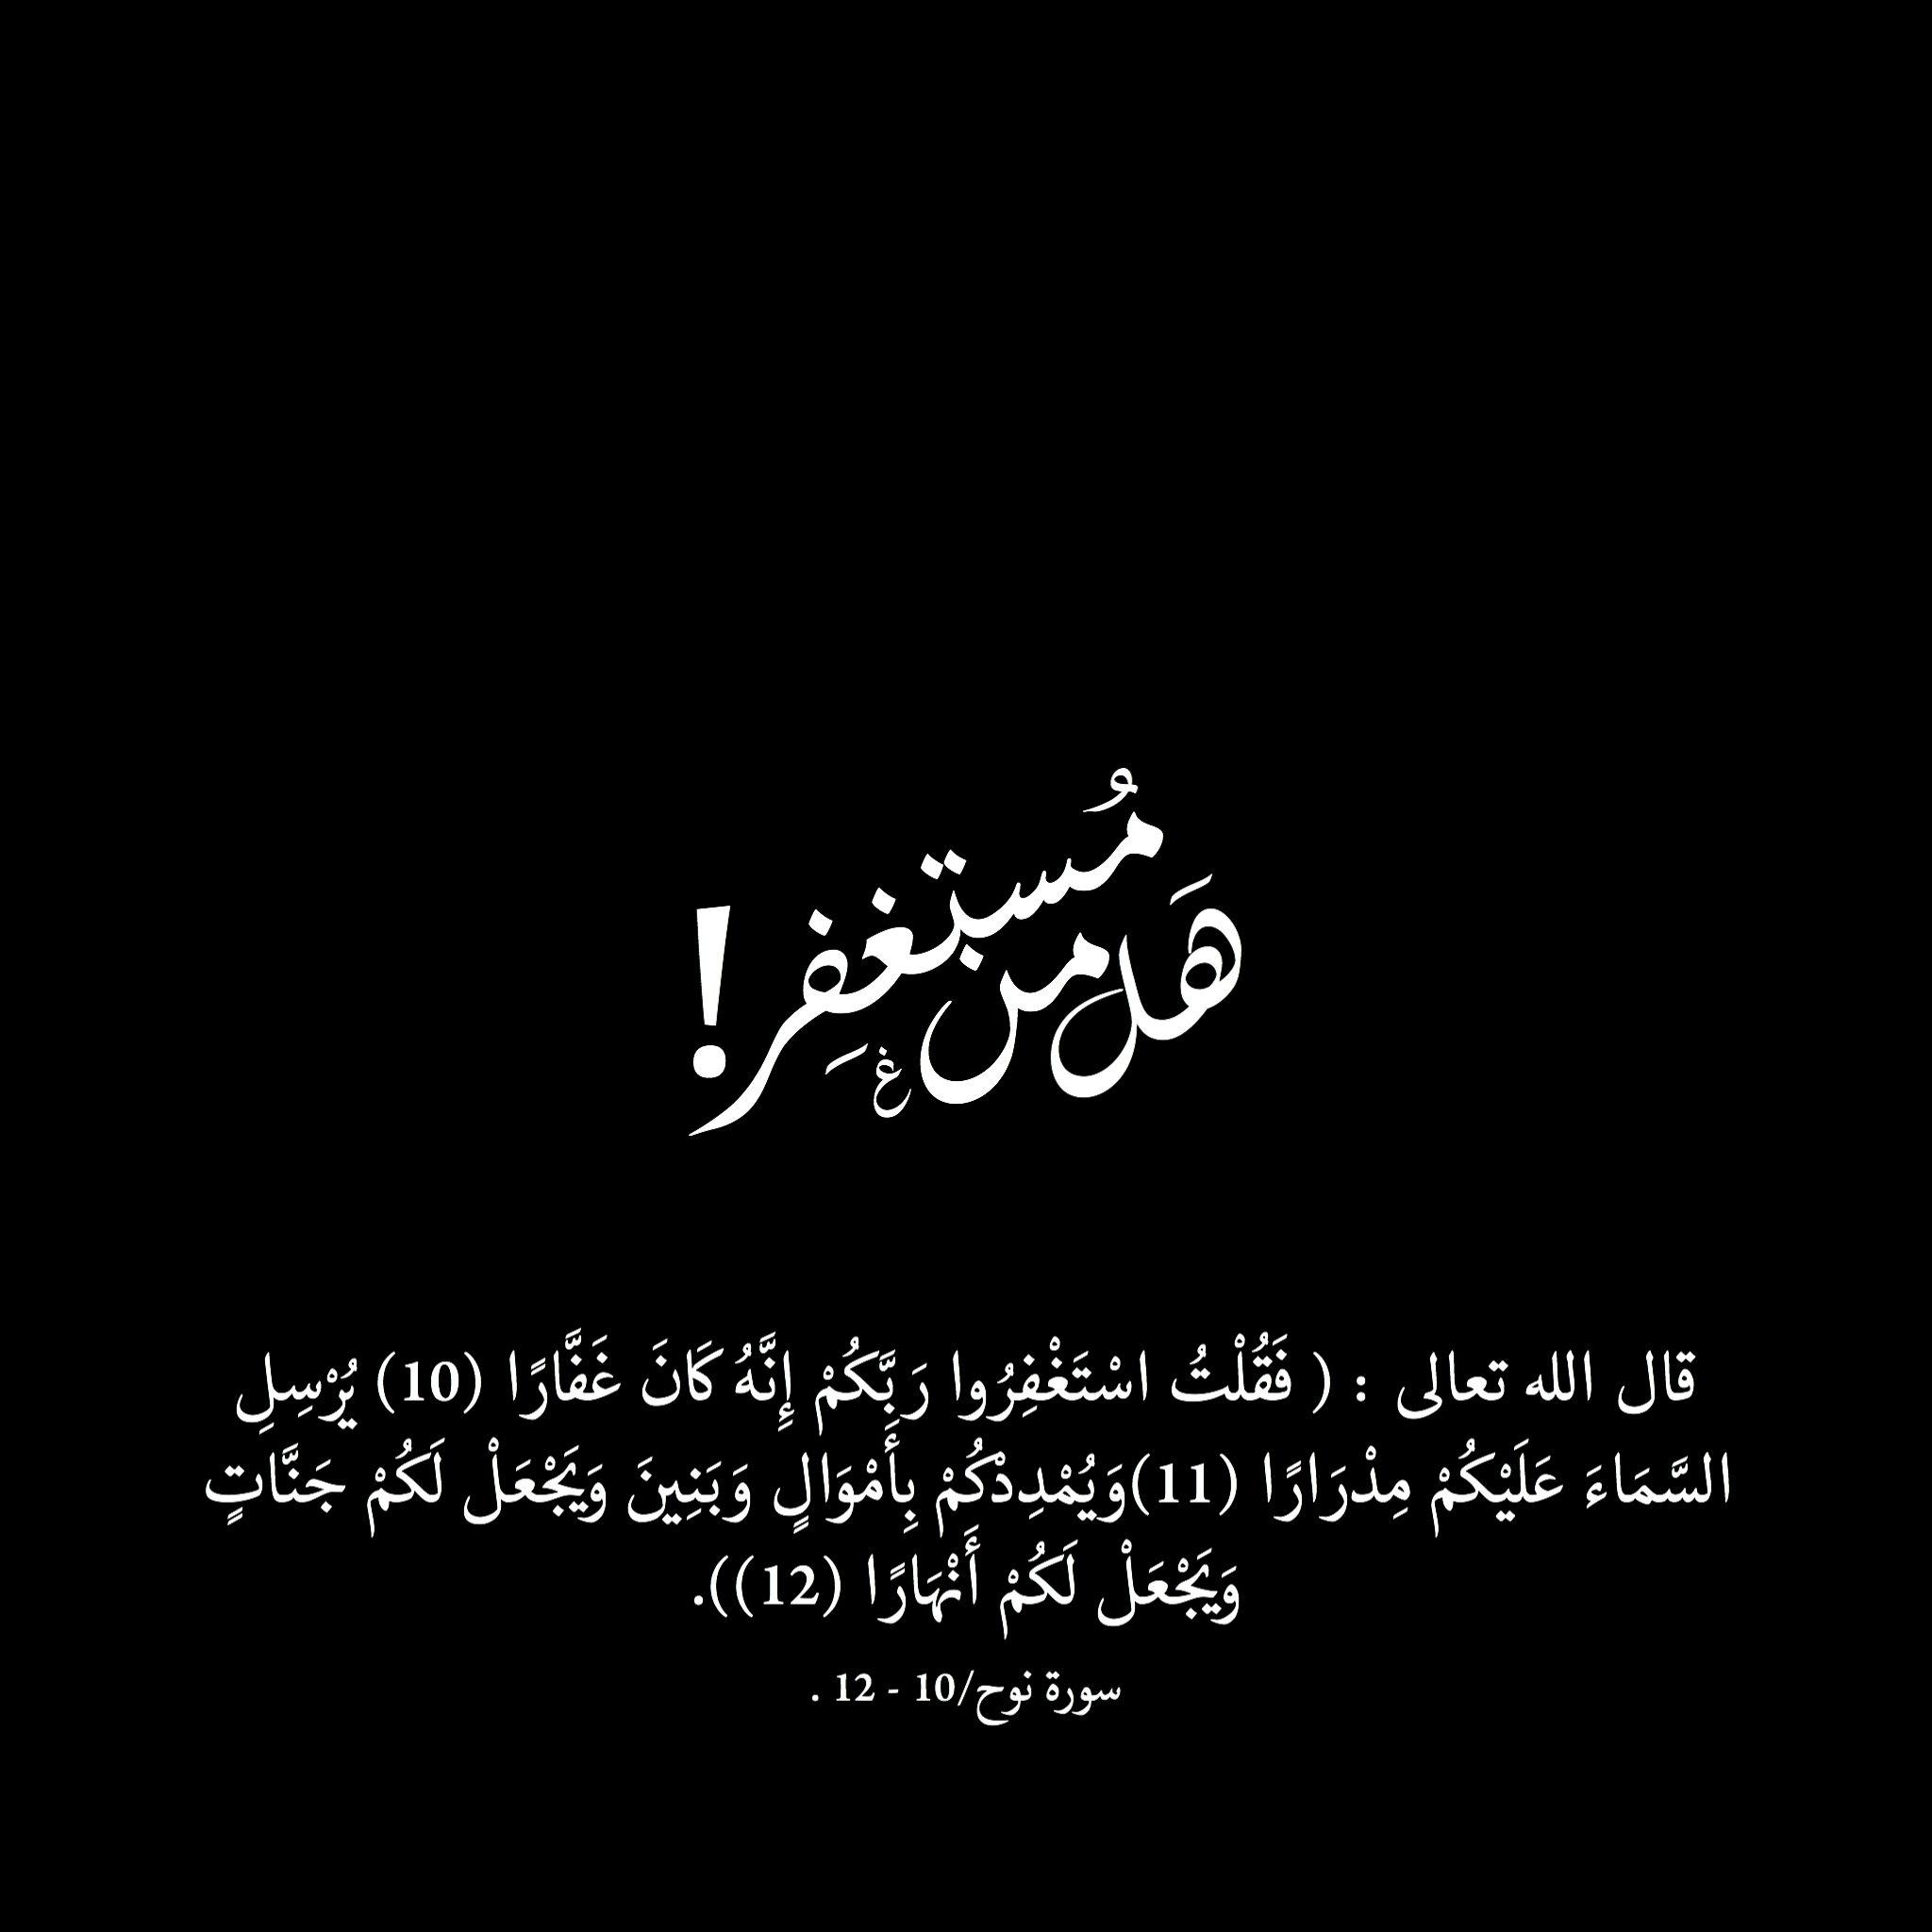 استغار استغفرالله اقتباسات اسود ابيض دينيه Words Islam Xoxo